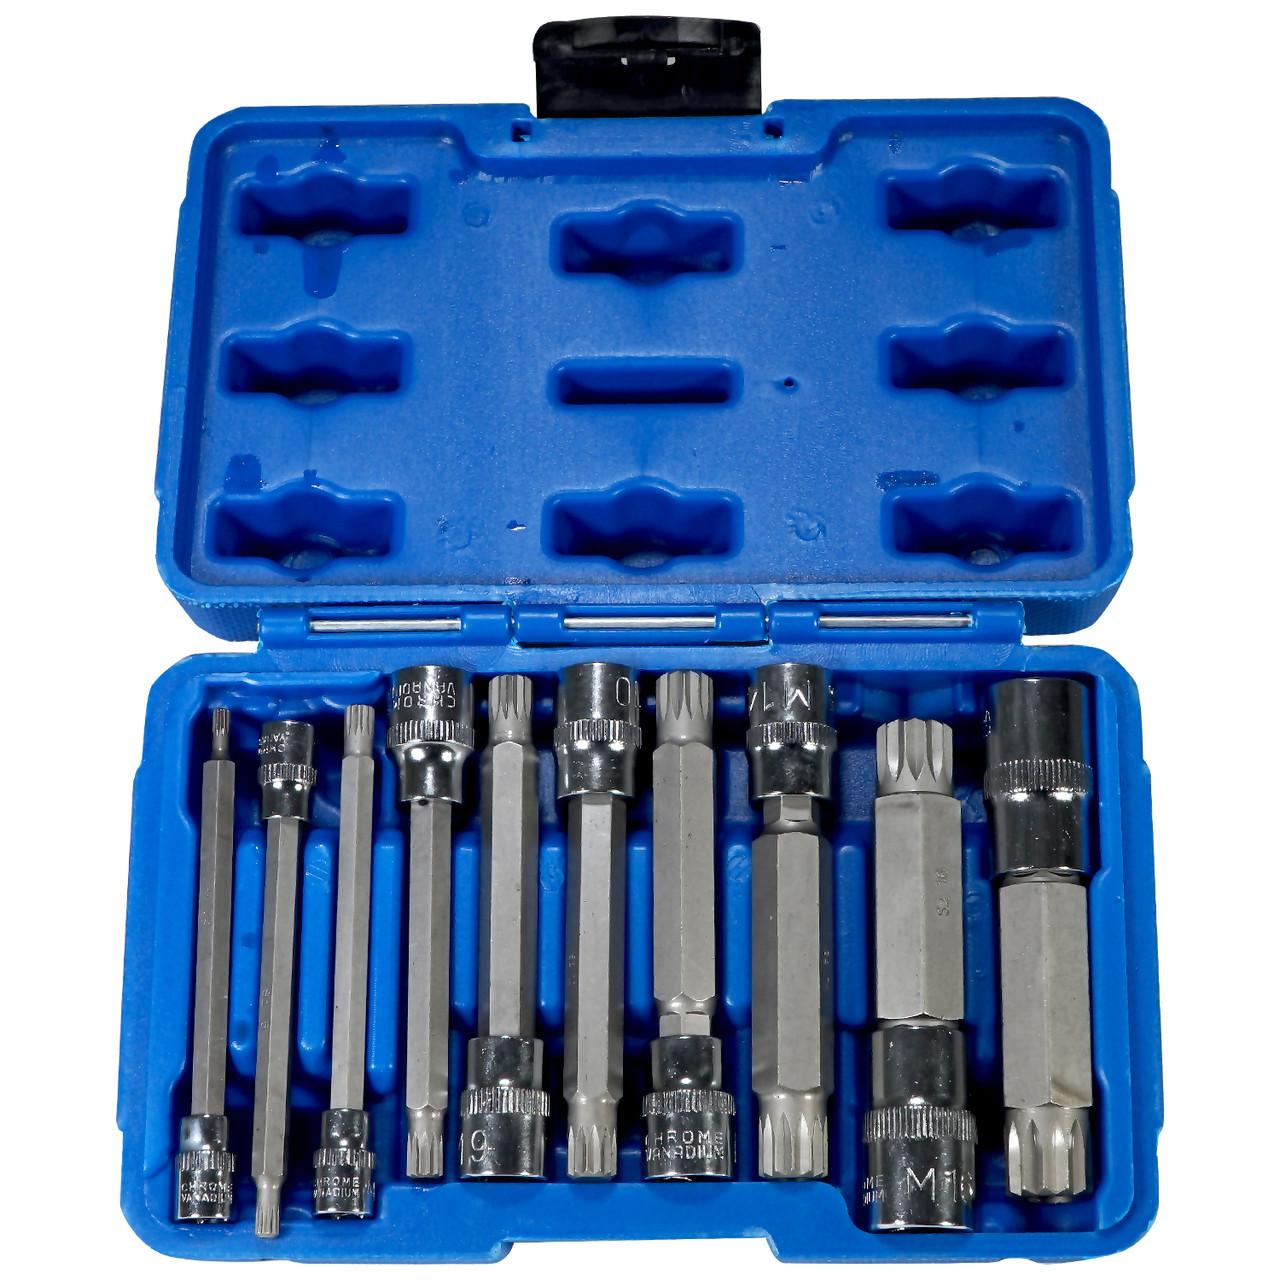 10pc xzn triple square socket kit spline socket bit set long drive 10pc xzn triple square socket kit spline socket bit set long drive metric bits publicscrutiny Gallery